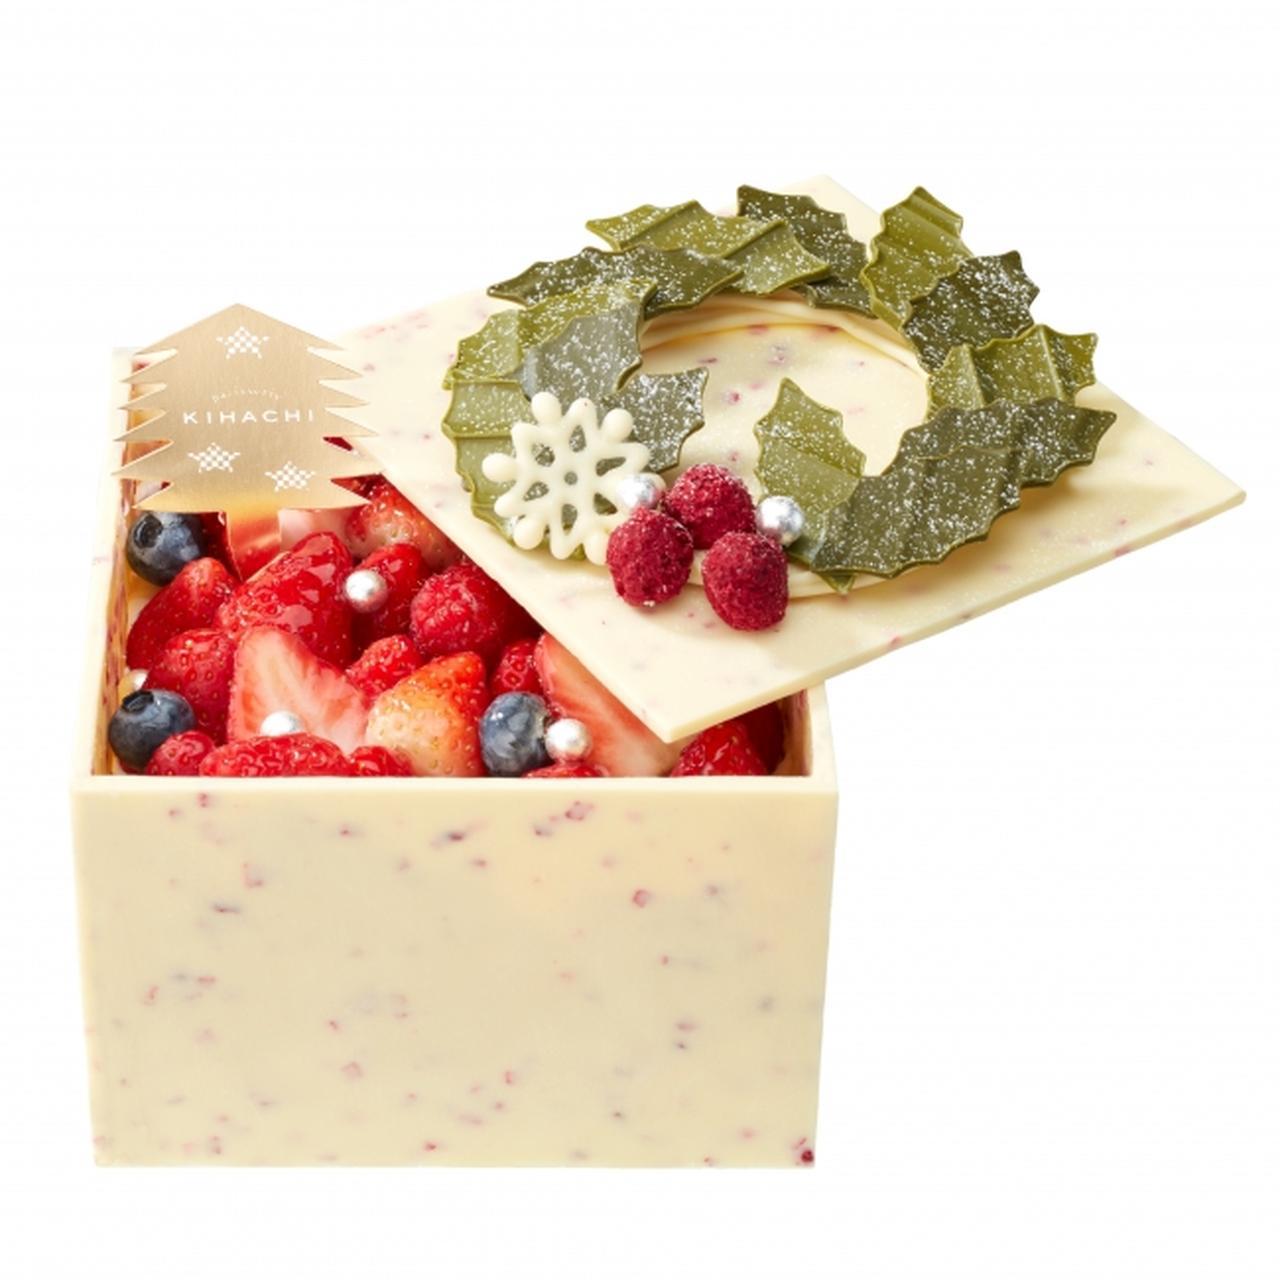 画像2: 【パティスリー キハチ】2019 クリスマスケーキ、限定ポーチに入った伝統菓子「シュトーレン」など可愛いクリスマスギフトも発売